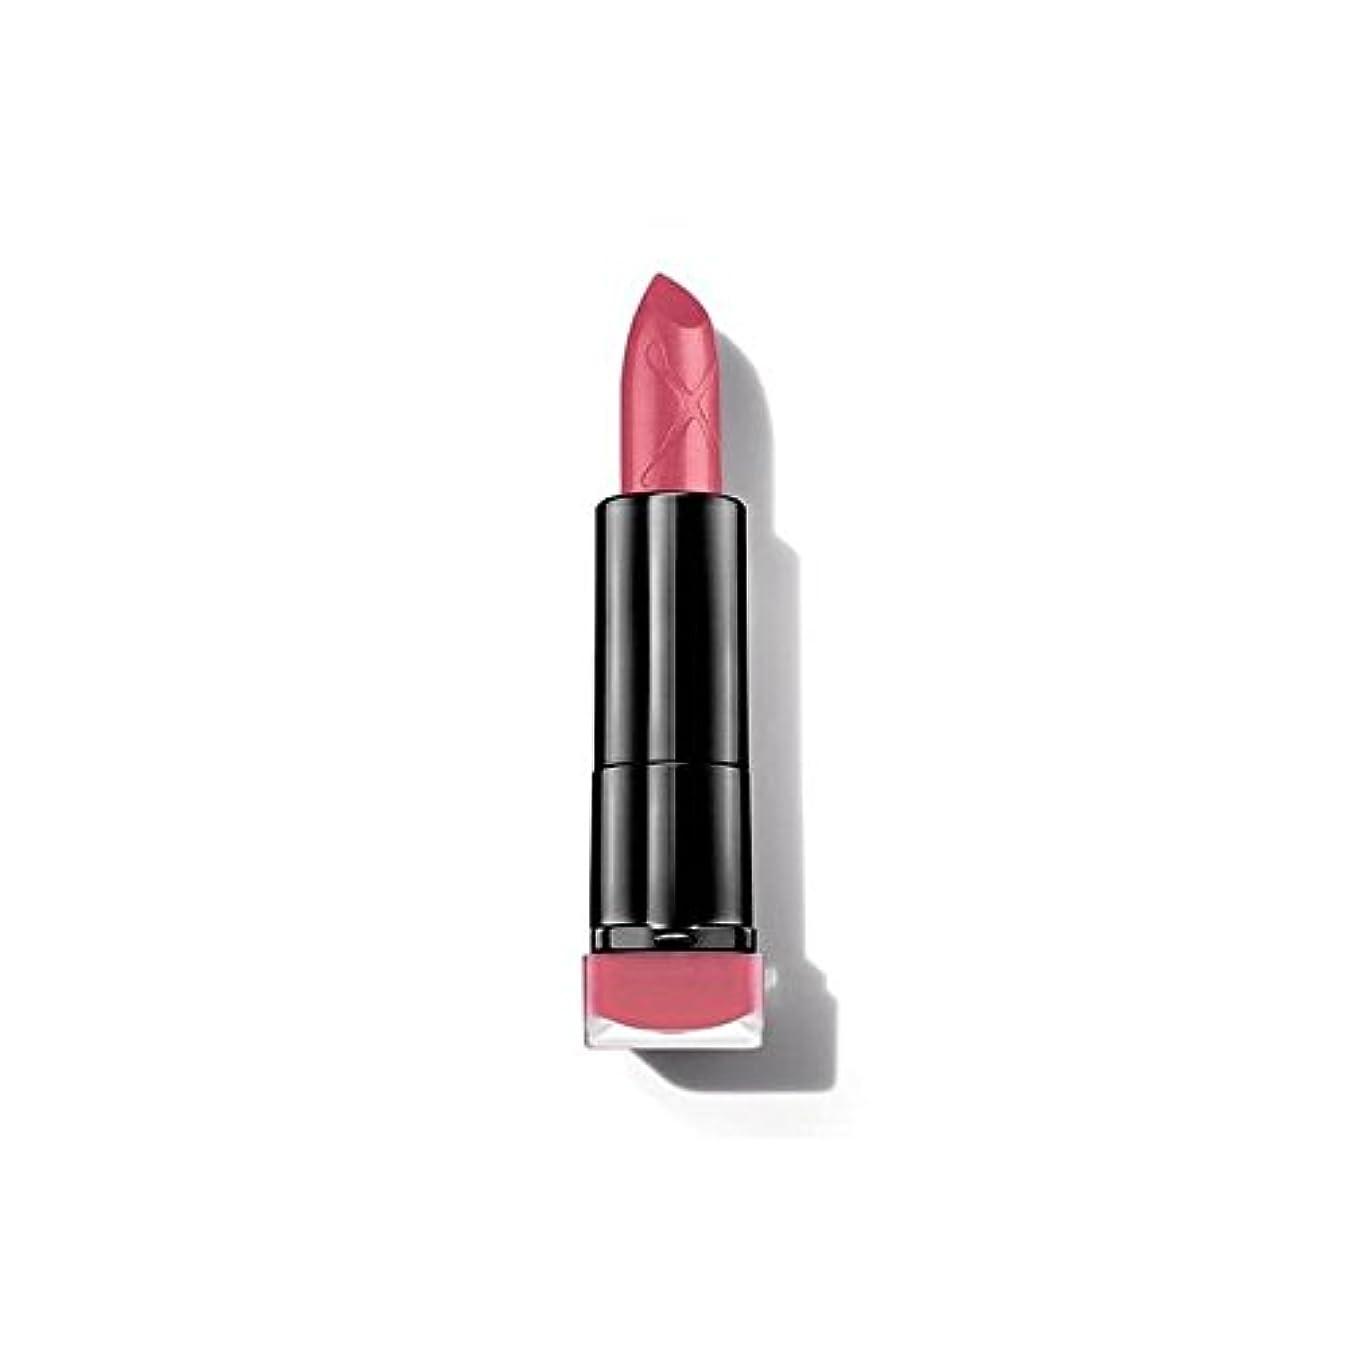 永久ゴシップ混乱マックスファクターカラーエリキシルマット弾丸の口紅は、20ローズ x4 - Max Factor Colour Elixir Matte Bullet Lipstick Rose 20 (Pack of 4) [並行輸入品]